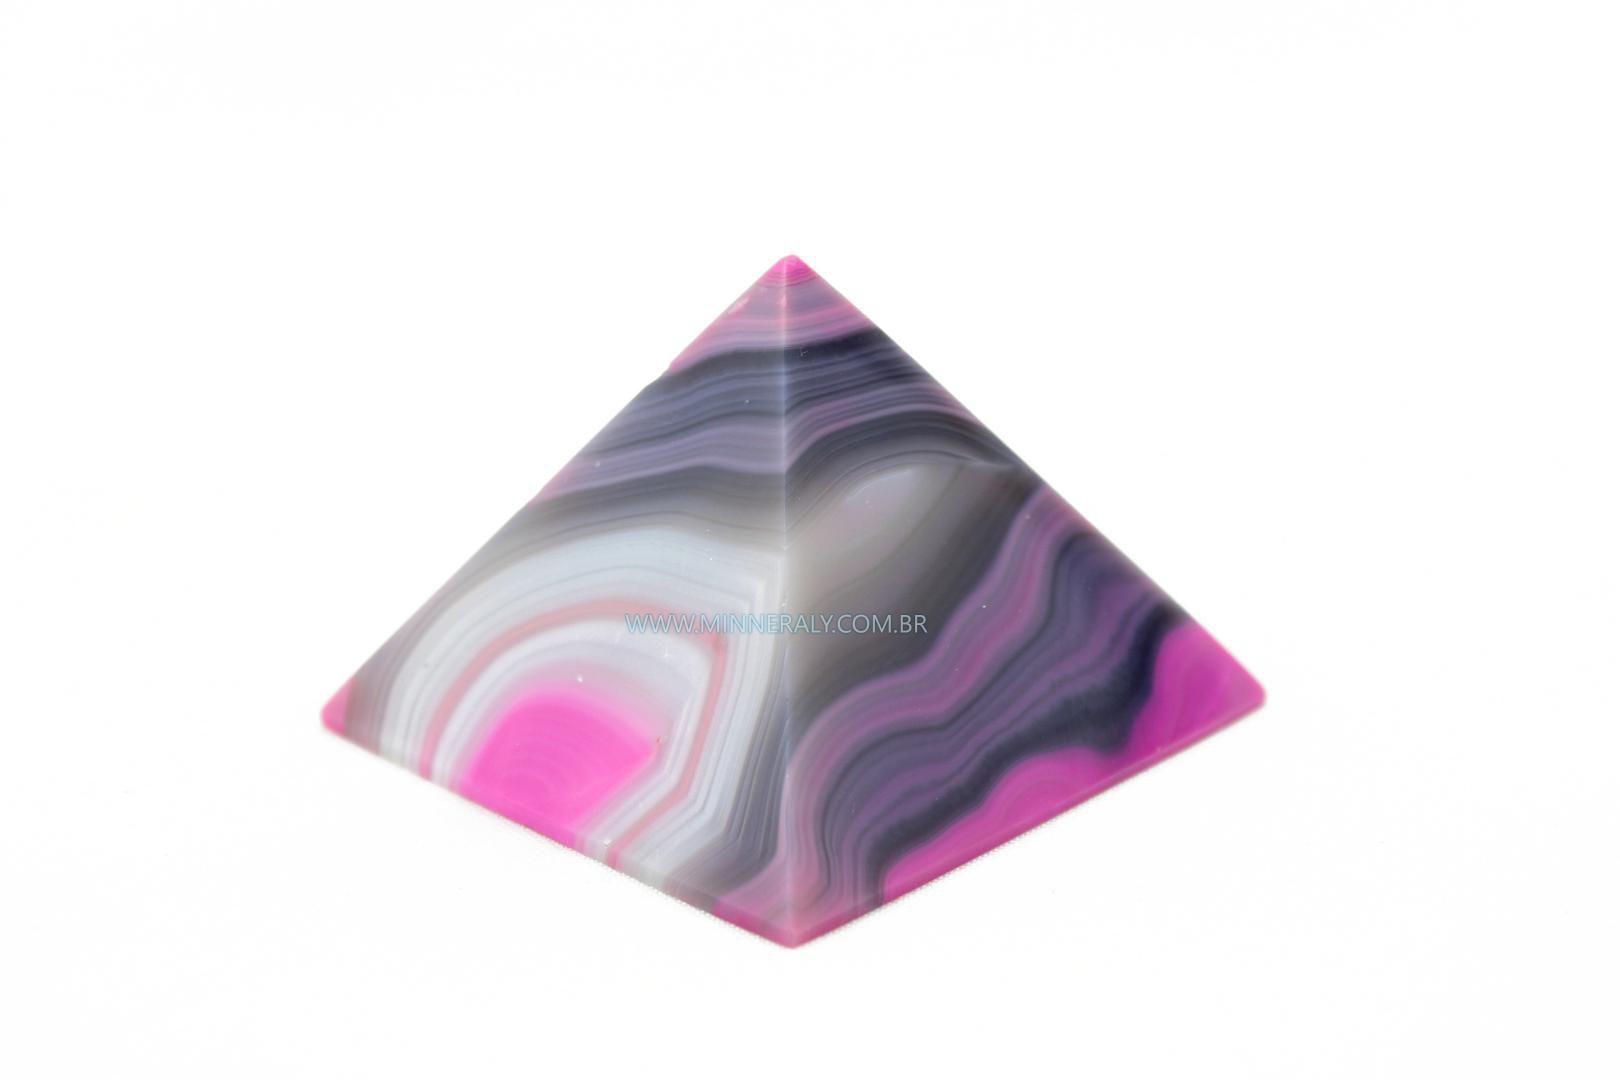 Pirâmide de Ágata Rosa Reconstituída #NN109